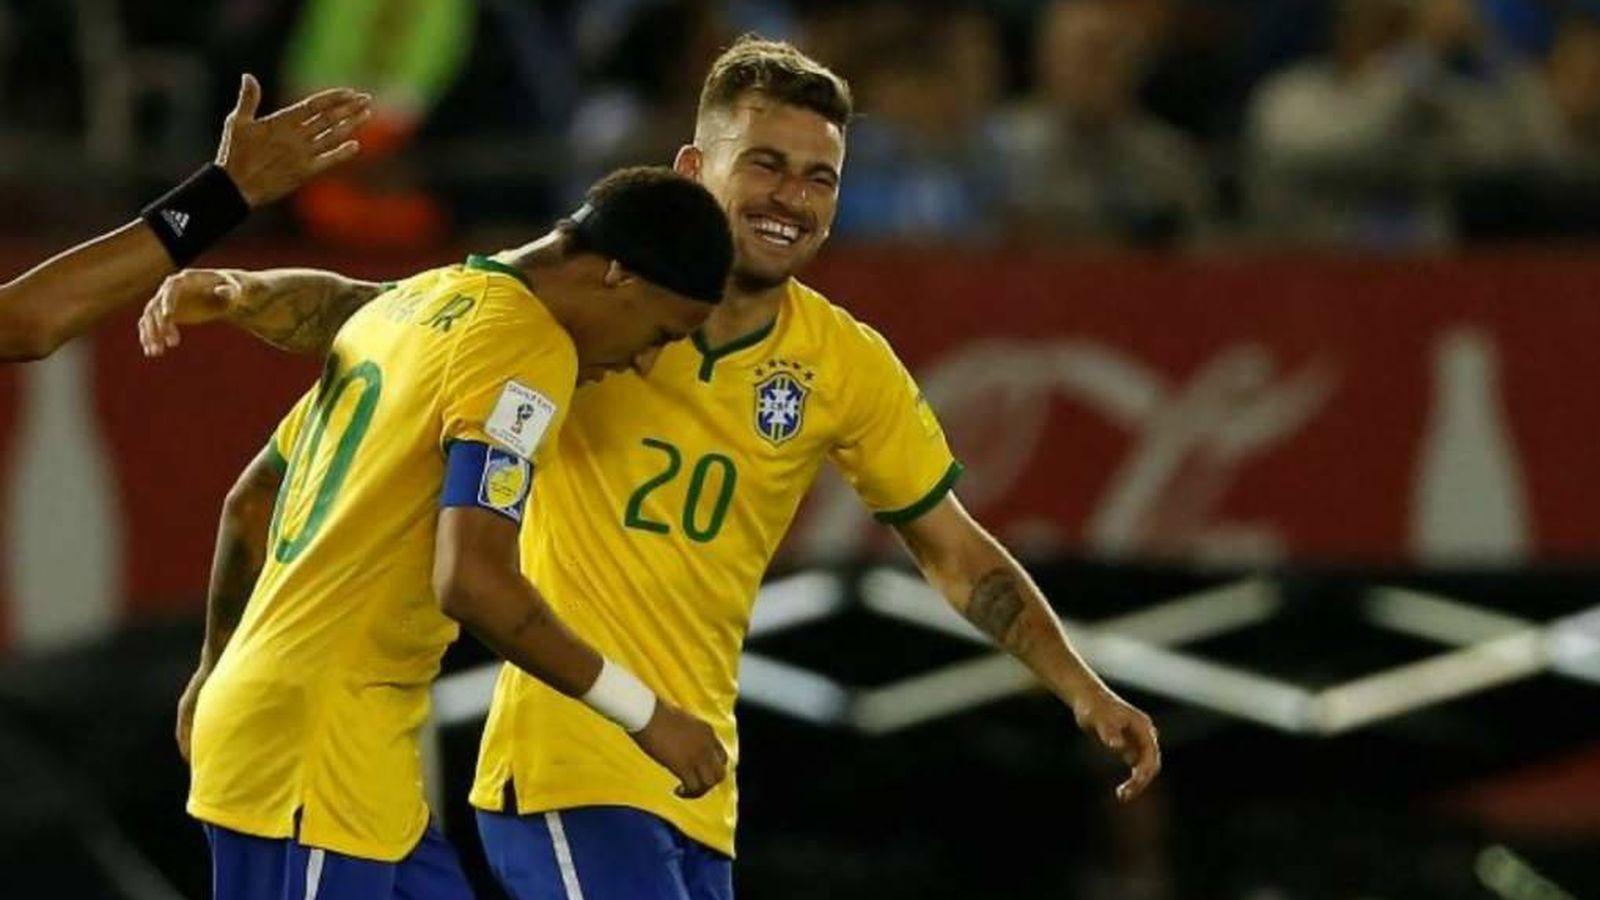 Foto: Lucas Lima celebra un gol junto a Neymar en la selección brasileña. (Reuters)